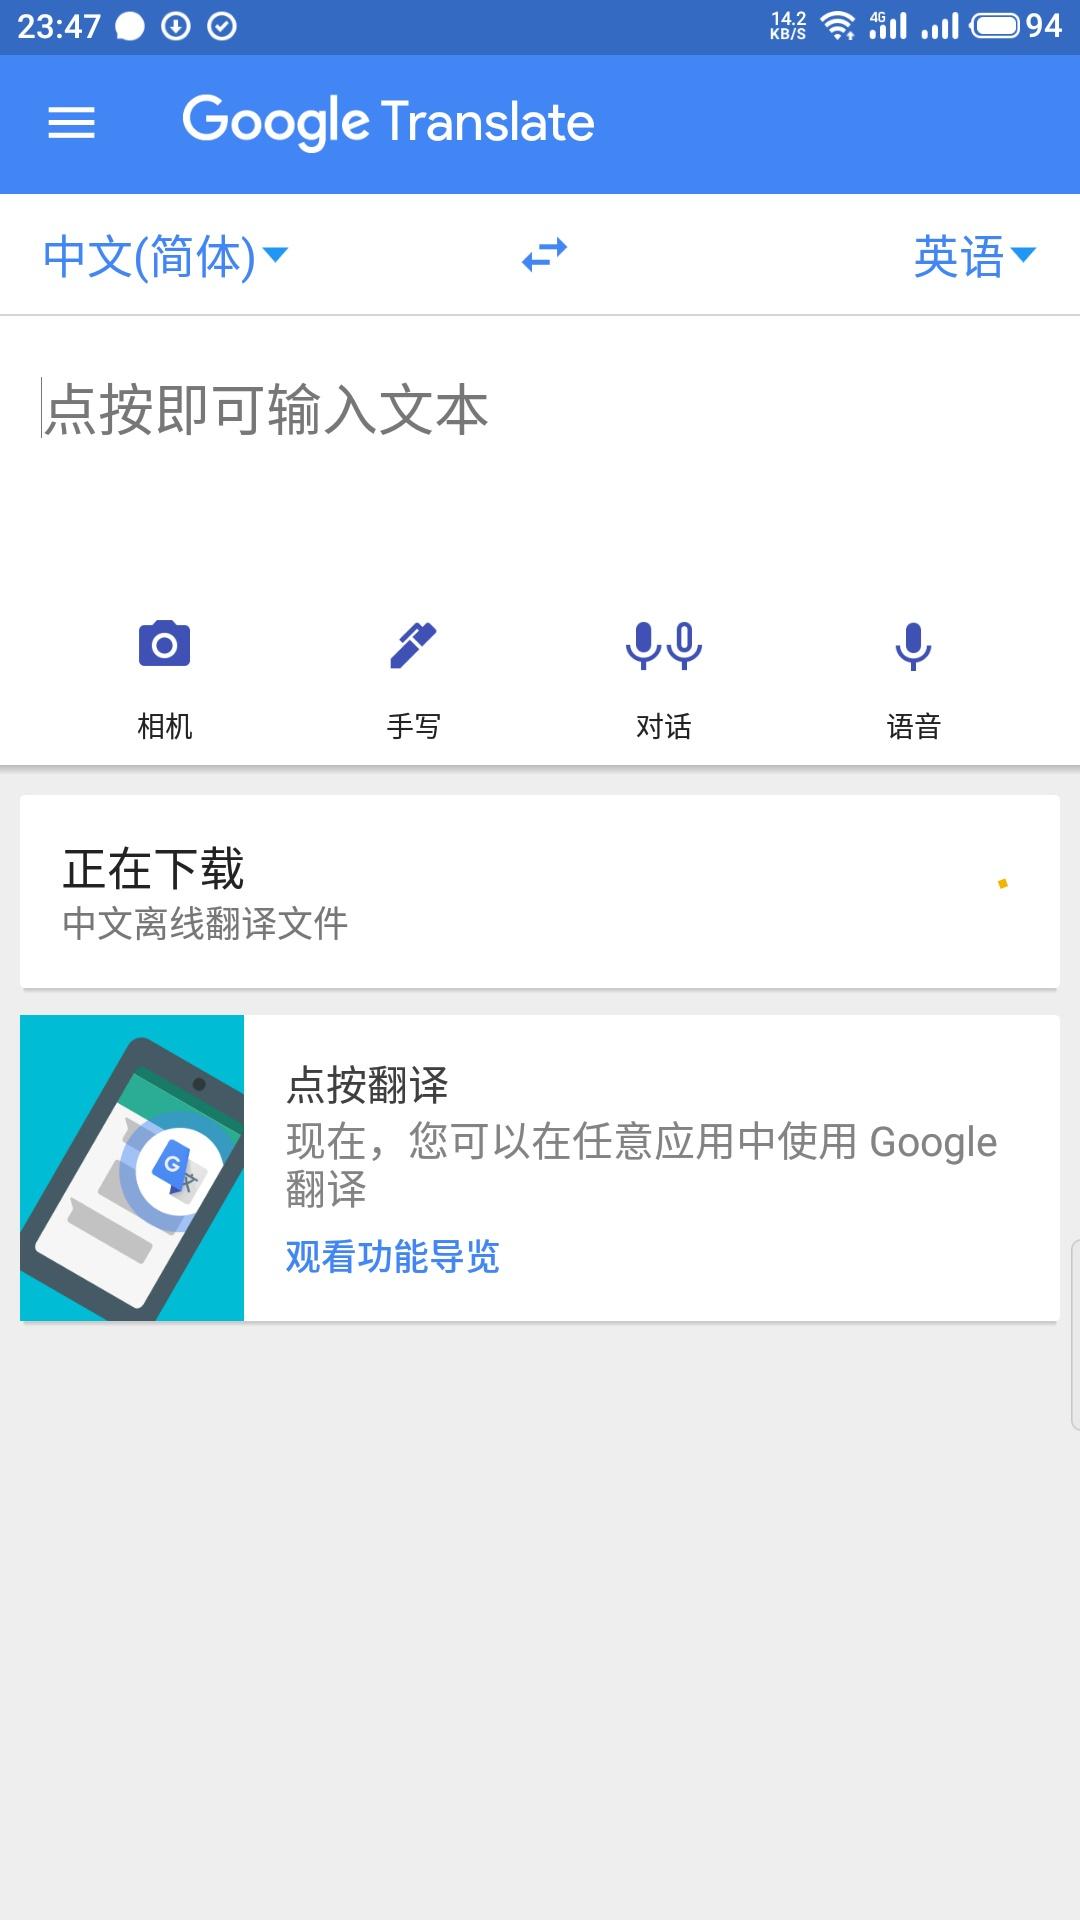 谷歌翻译v6.2.0 多语言任意转换